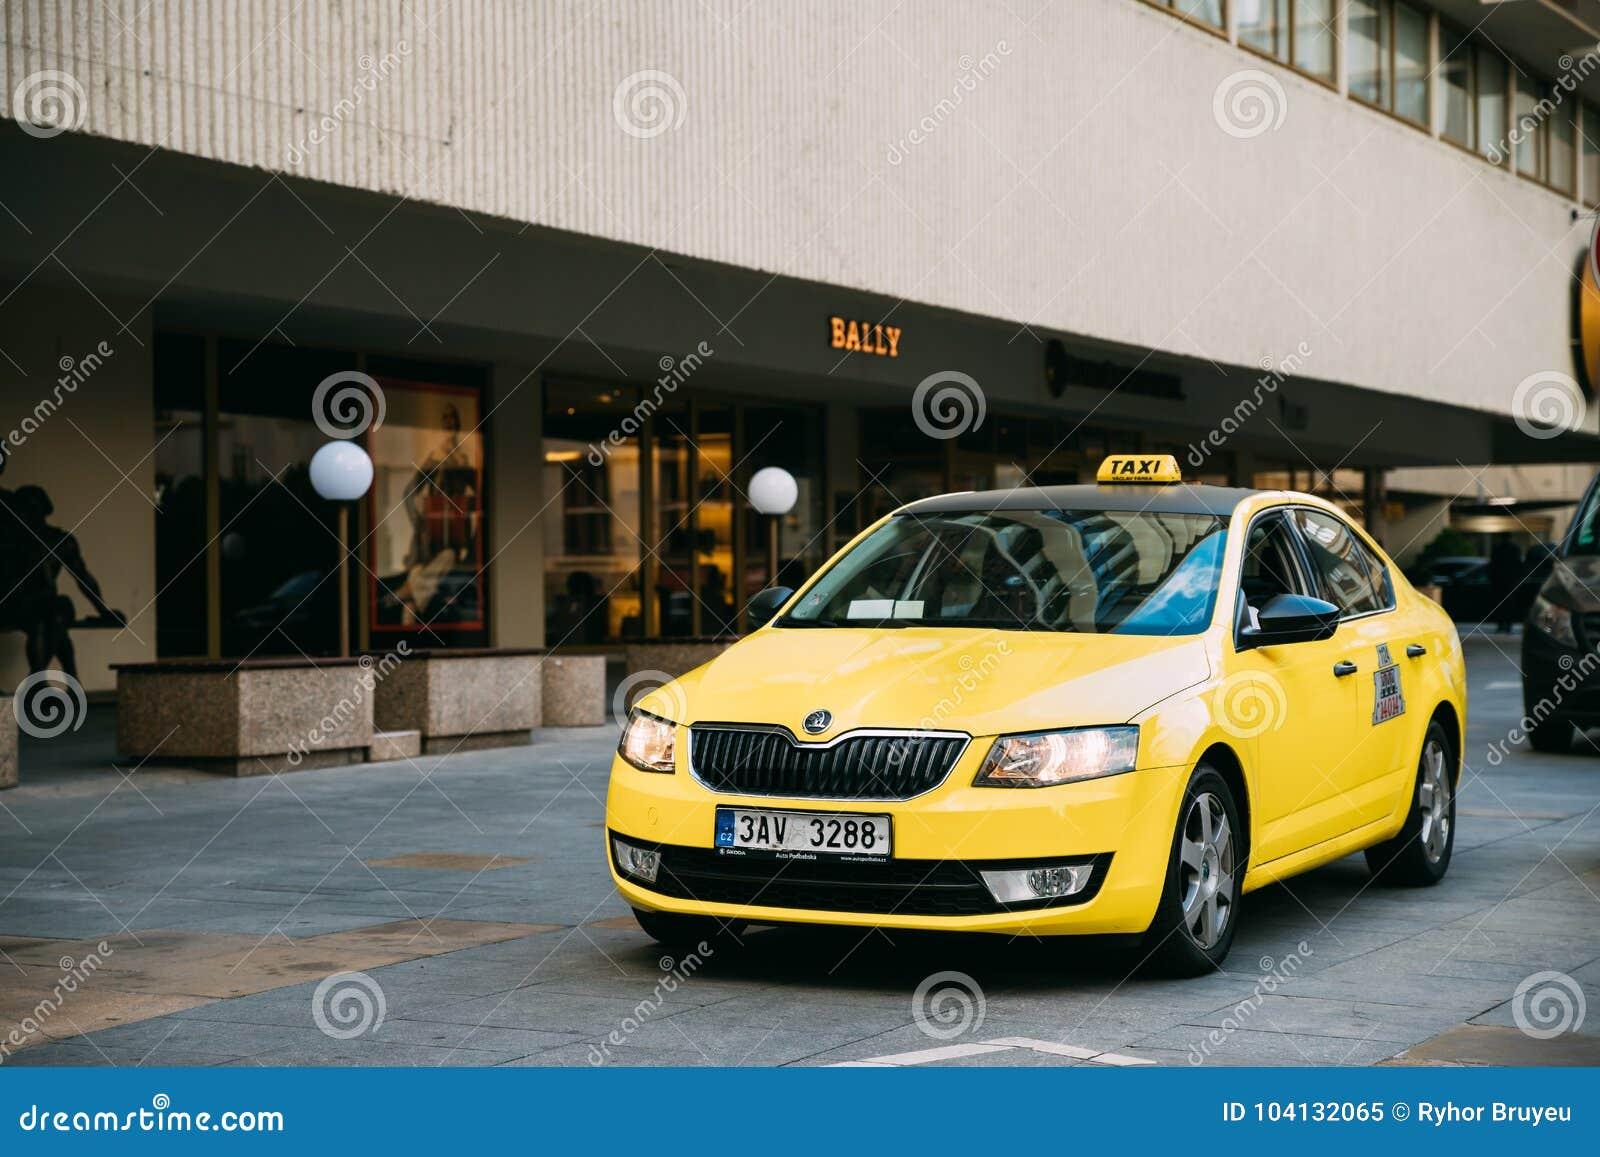 Prague Czech Republic Yellow Skoda Octavia Iii Taxi Car Parked